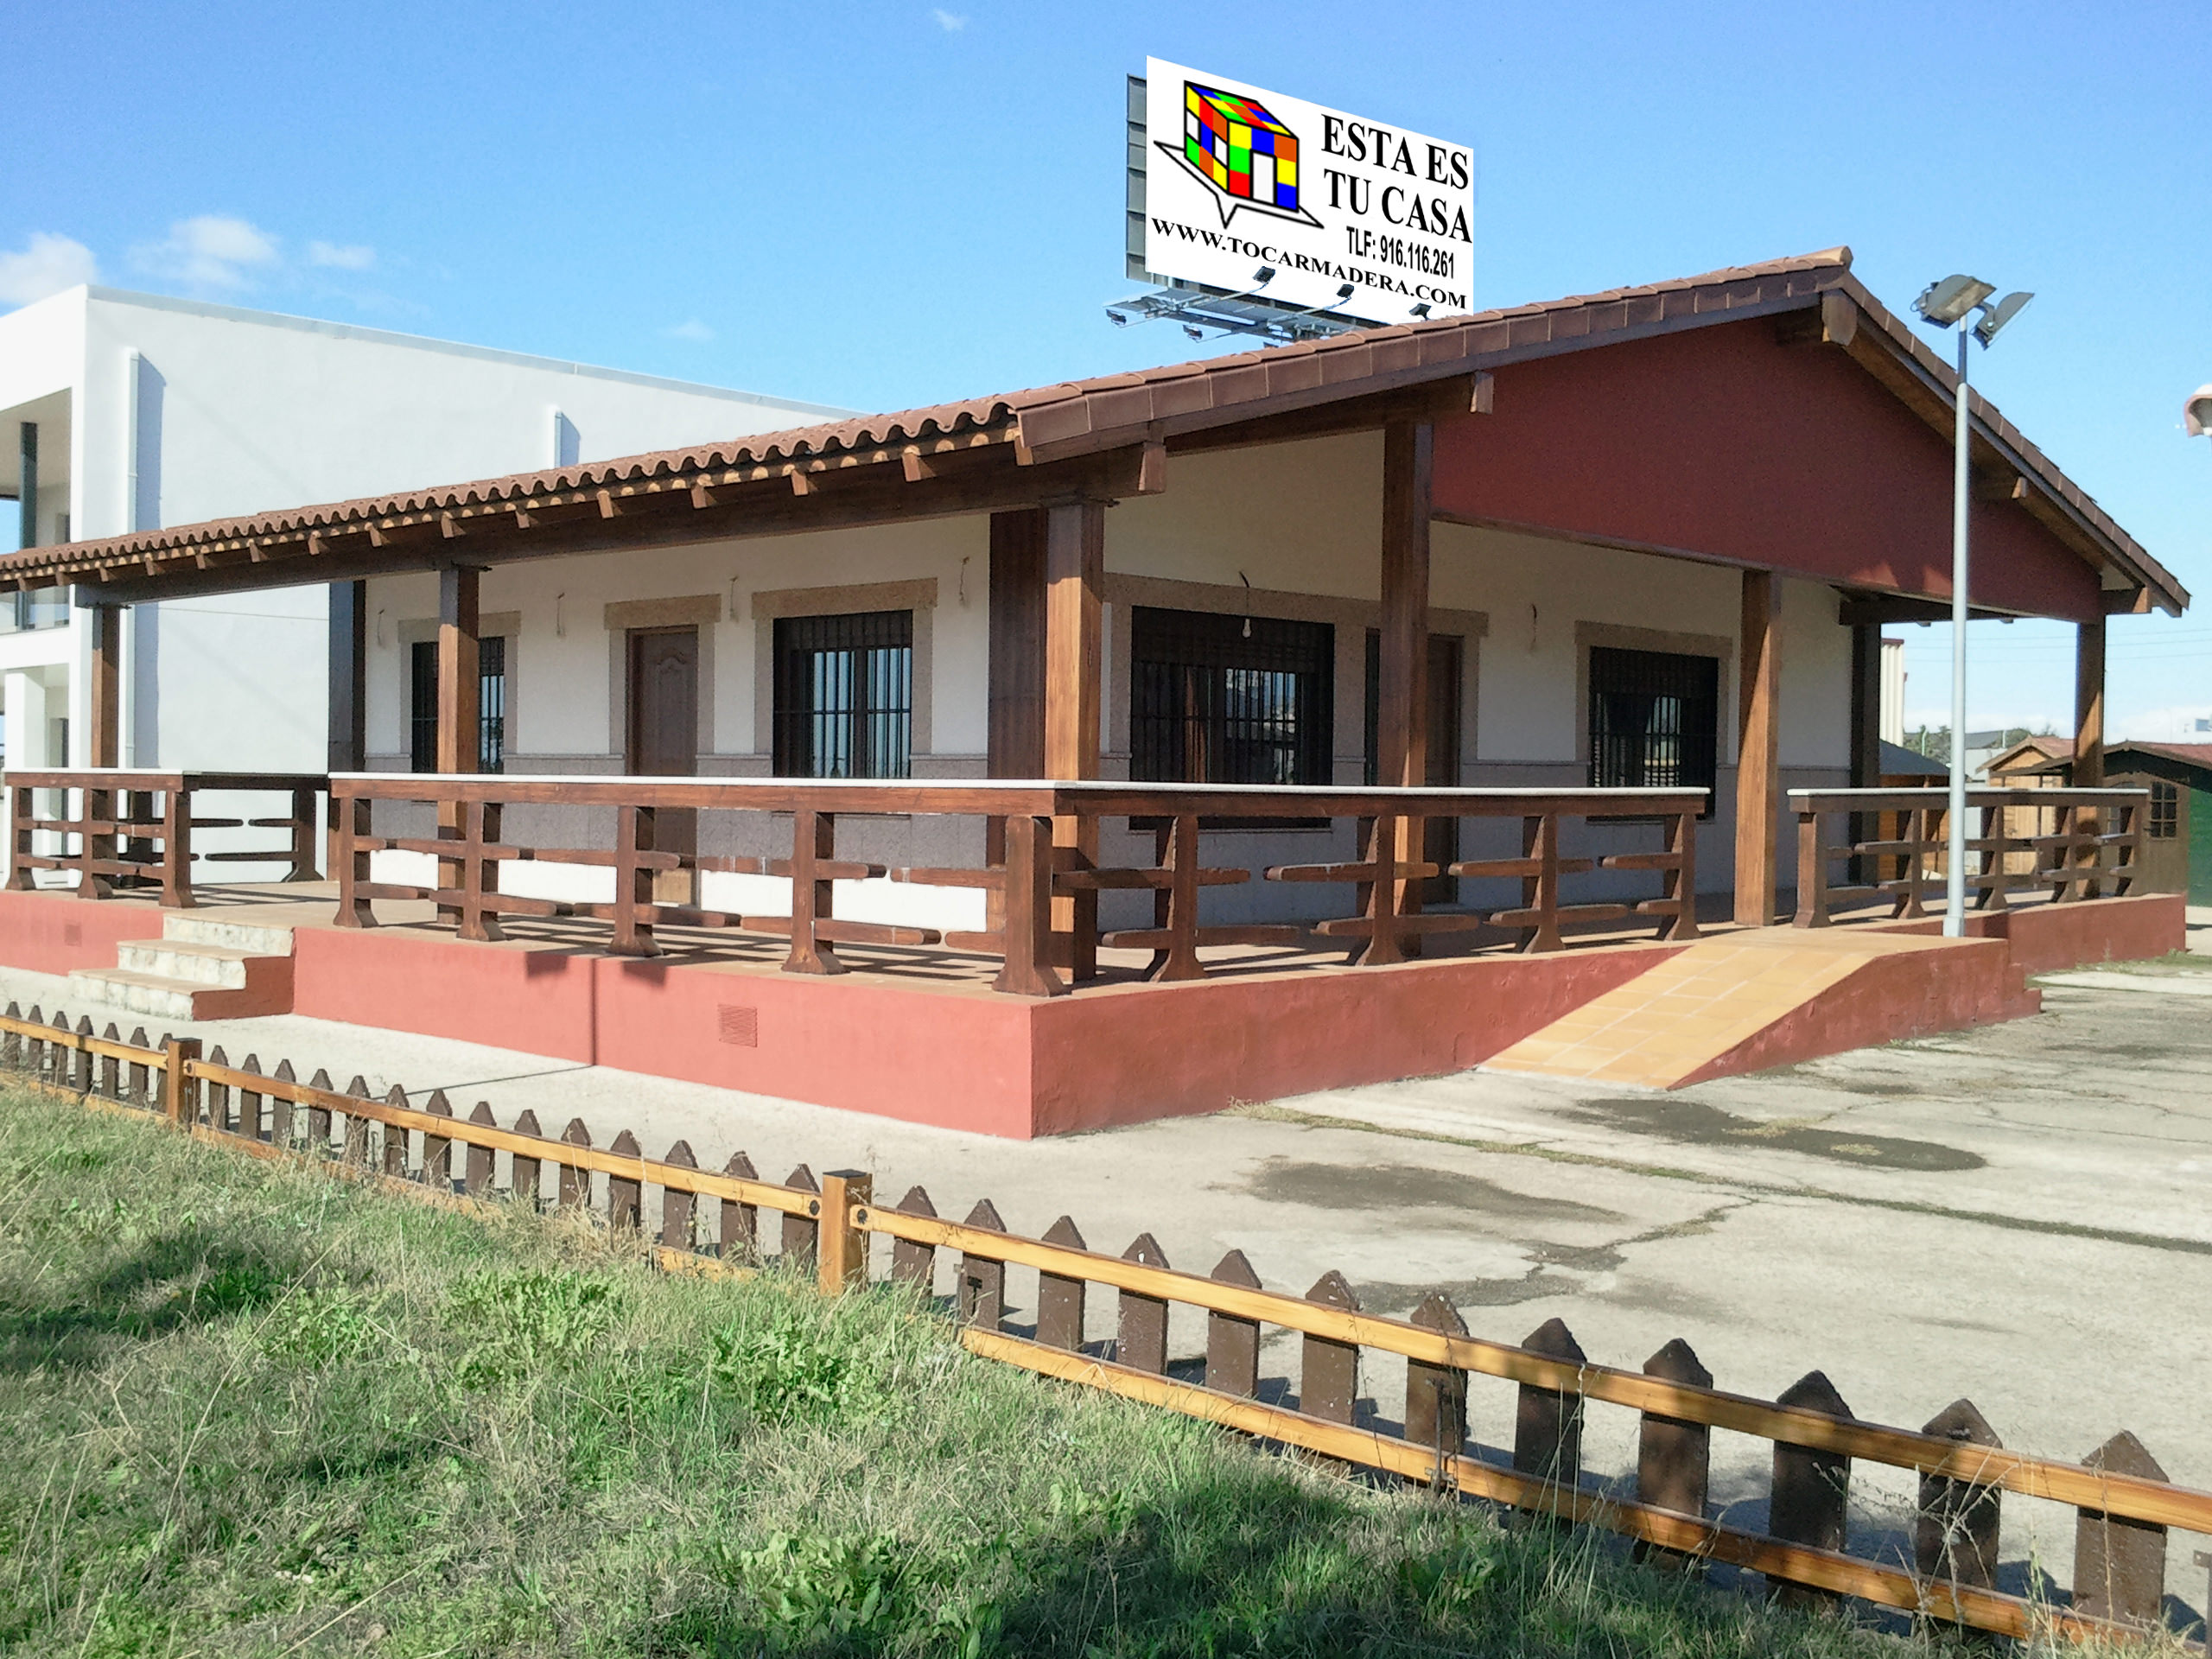 Casa de hormig n acero y piedra modelo andaluc a - Casas de acero precios ...